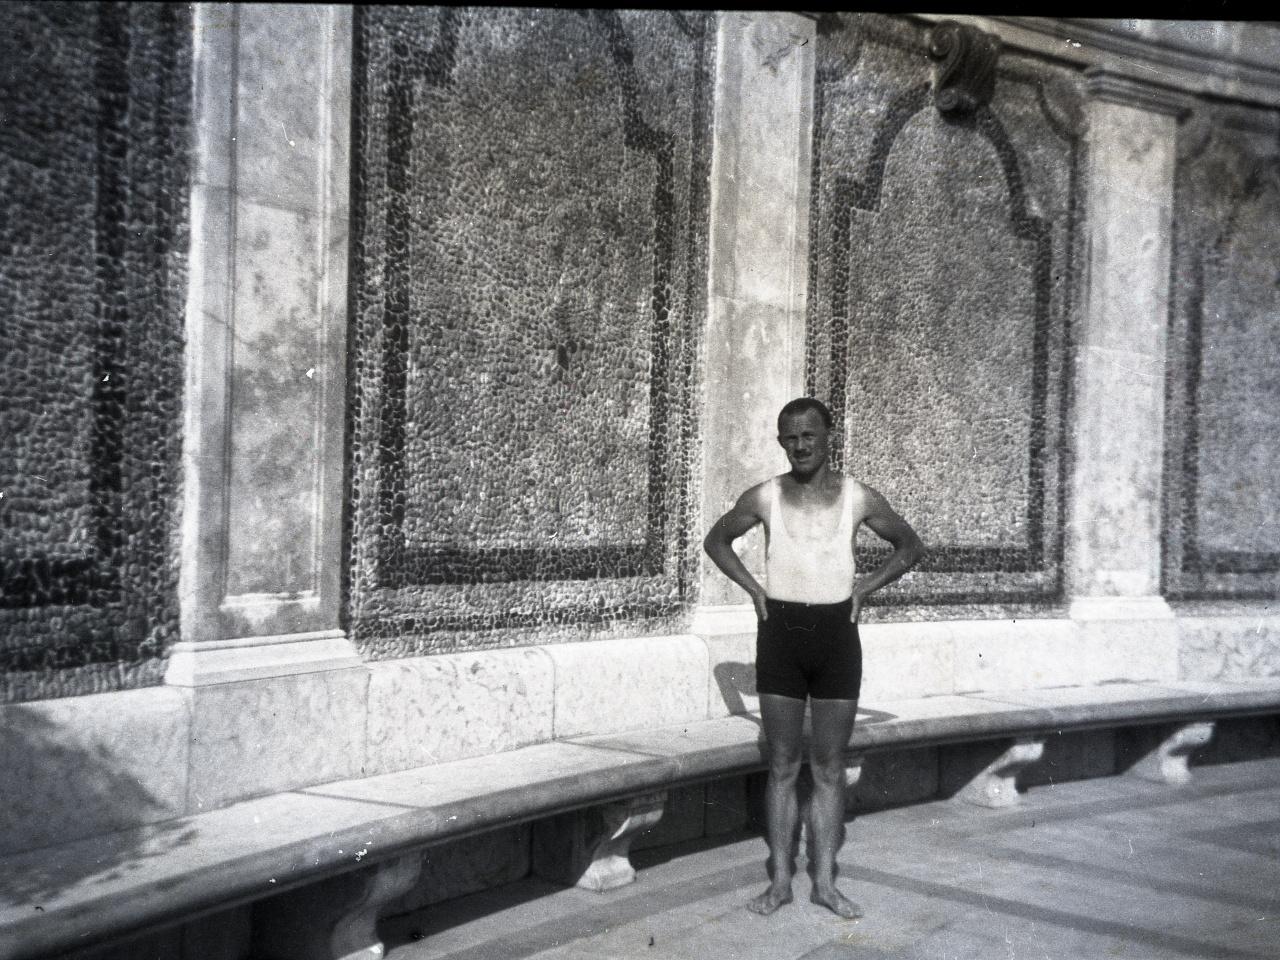 Pusztai Sándor úszómester és amatőr fotográfus a Hullámban. Magyarországon a harmincas évek elején hiányszakma volt az úszómesteré: 276 uszodára és strandfürdőre csupán 89 államilag vizsgázott úszómester jutott. Az úszómesterek 1934-ben alapítottak egyletet, fürdősbáljukat minden évben a Gellértben rendezték.